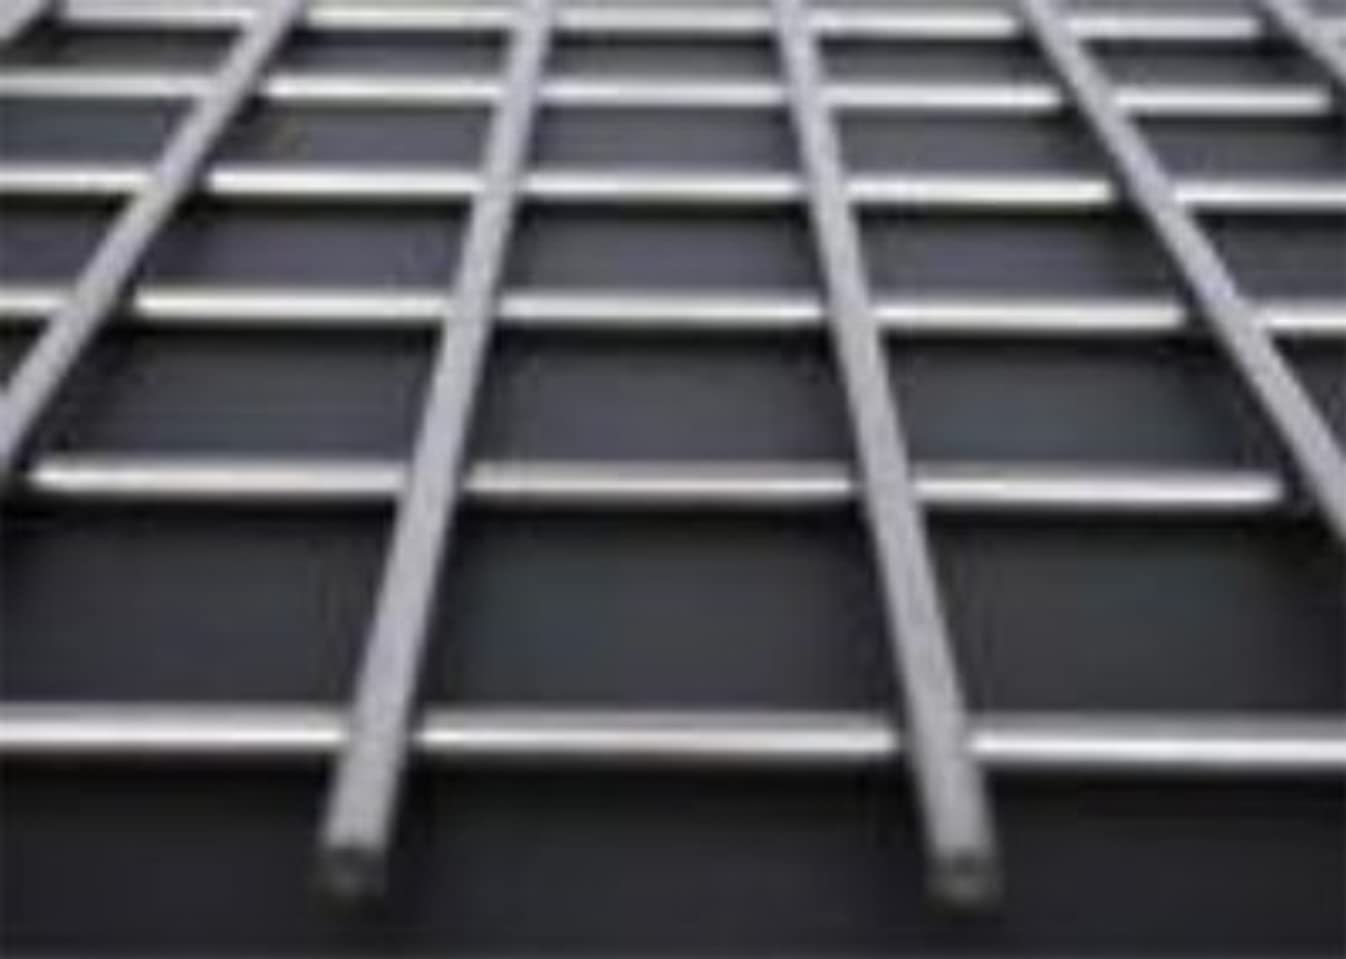 お酢医学飼い慣らすステンレス SUS304 ファインメッシュ 溶接金網 目開き(mm):24 線径(mm):1.0